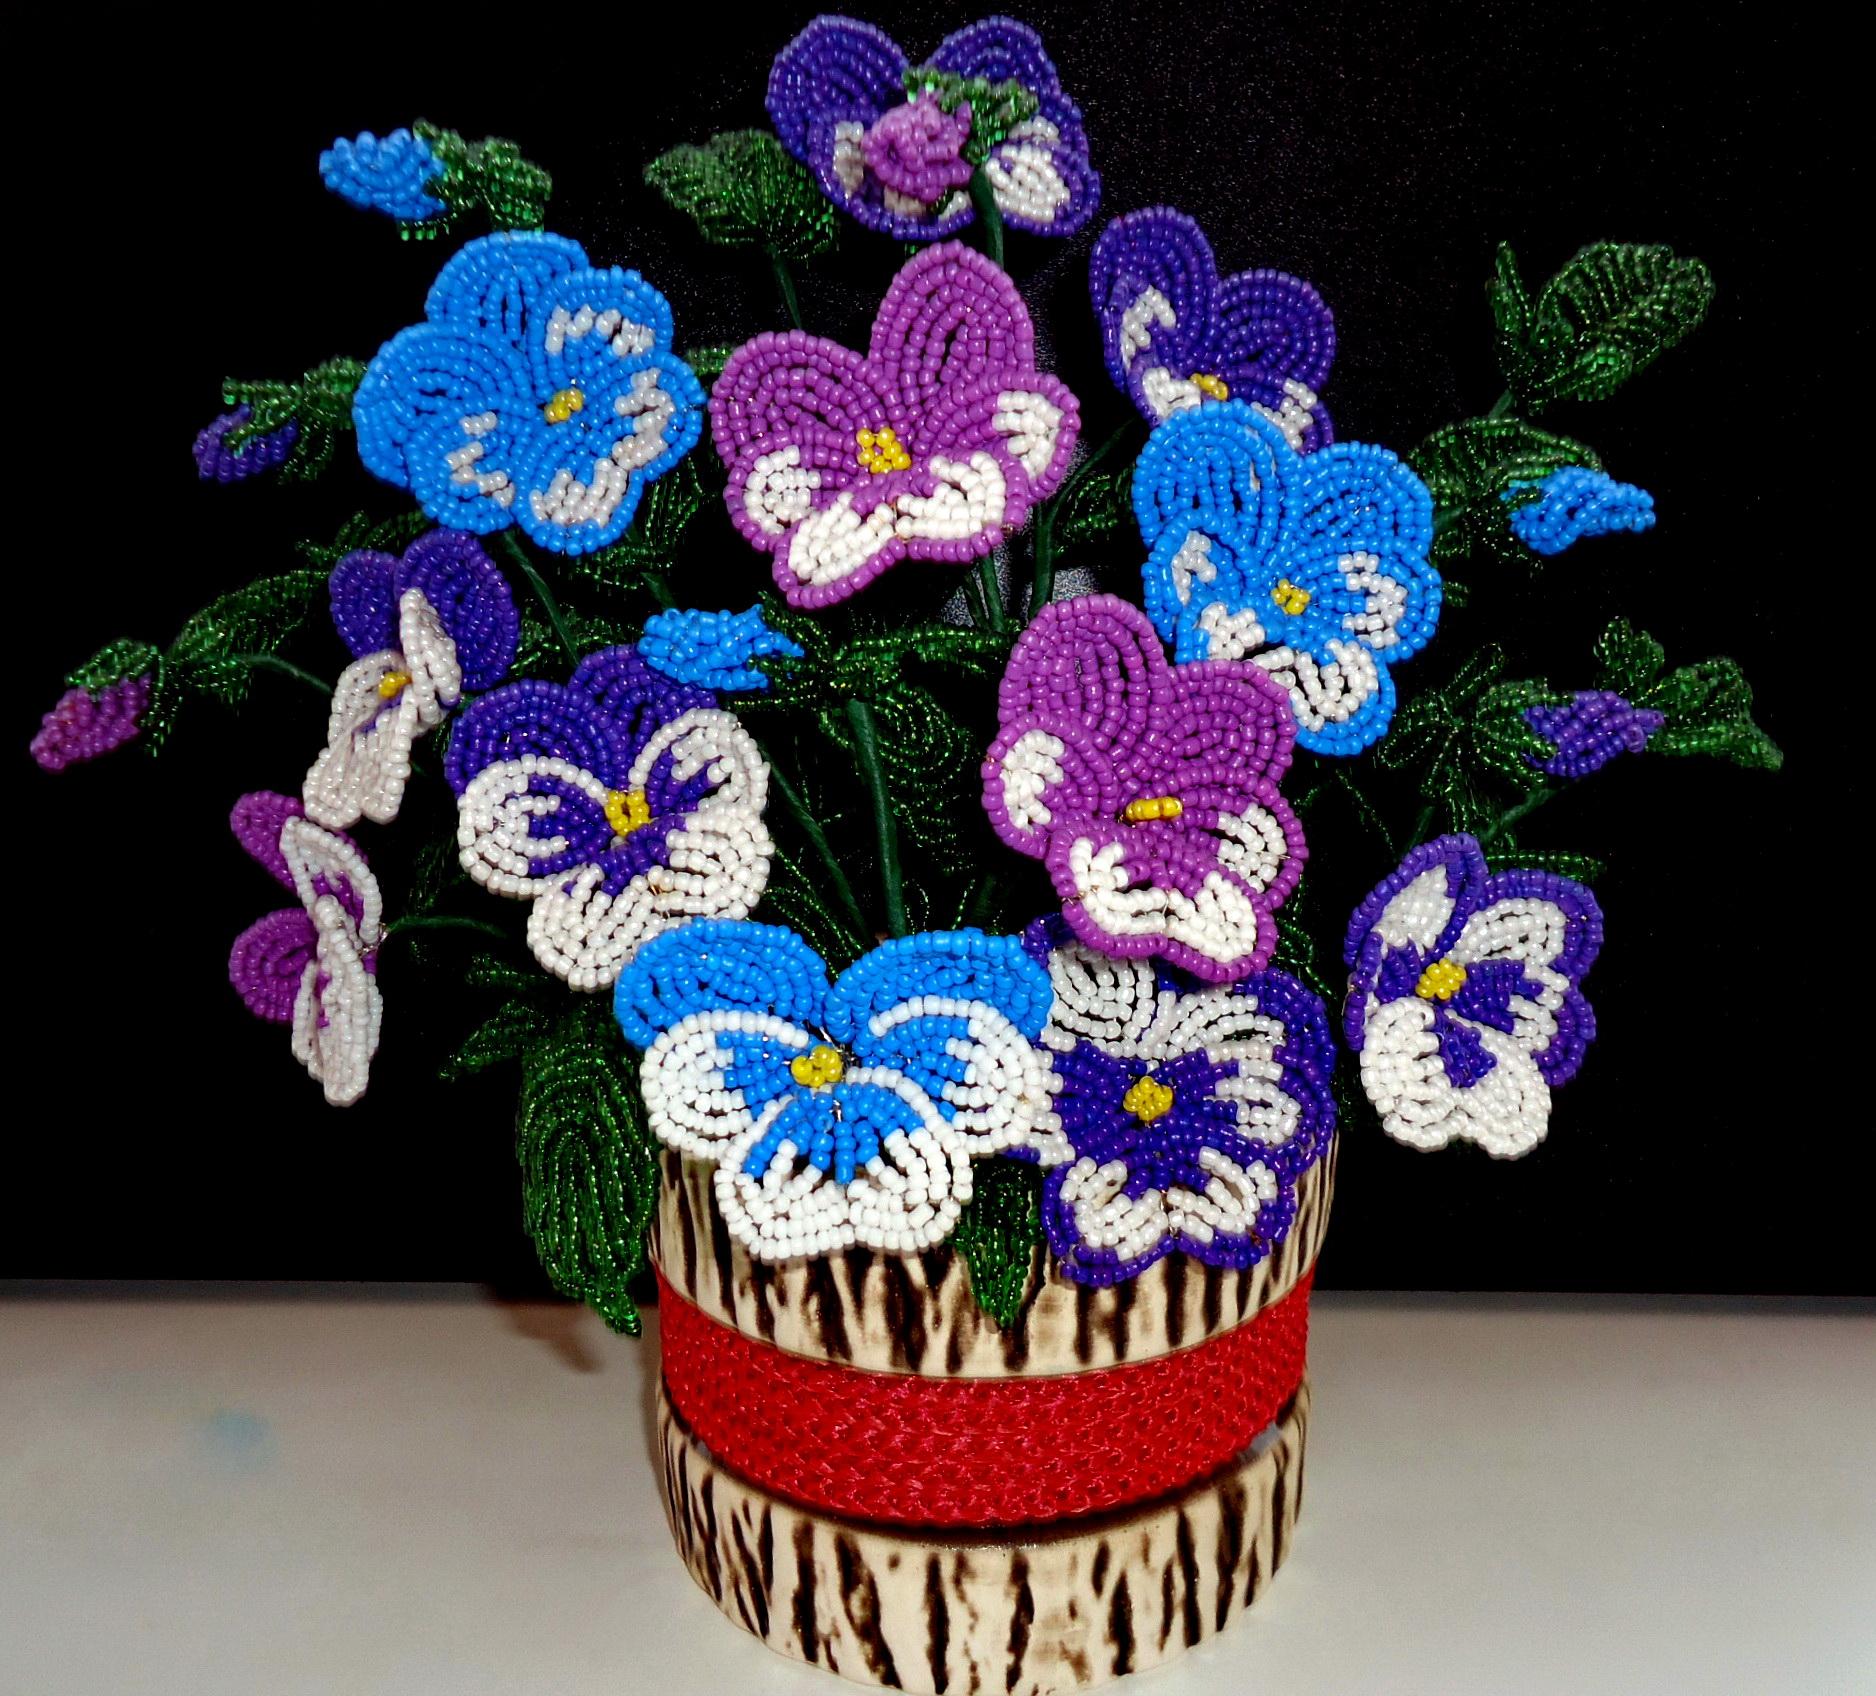 Шедевры из бисера (1) цветок из бисера своими руками, Мастер-класс на.